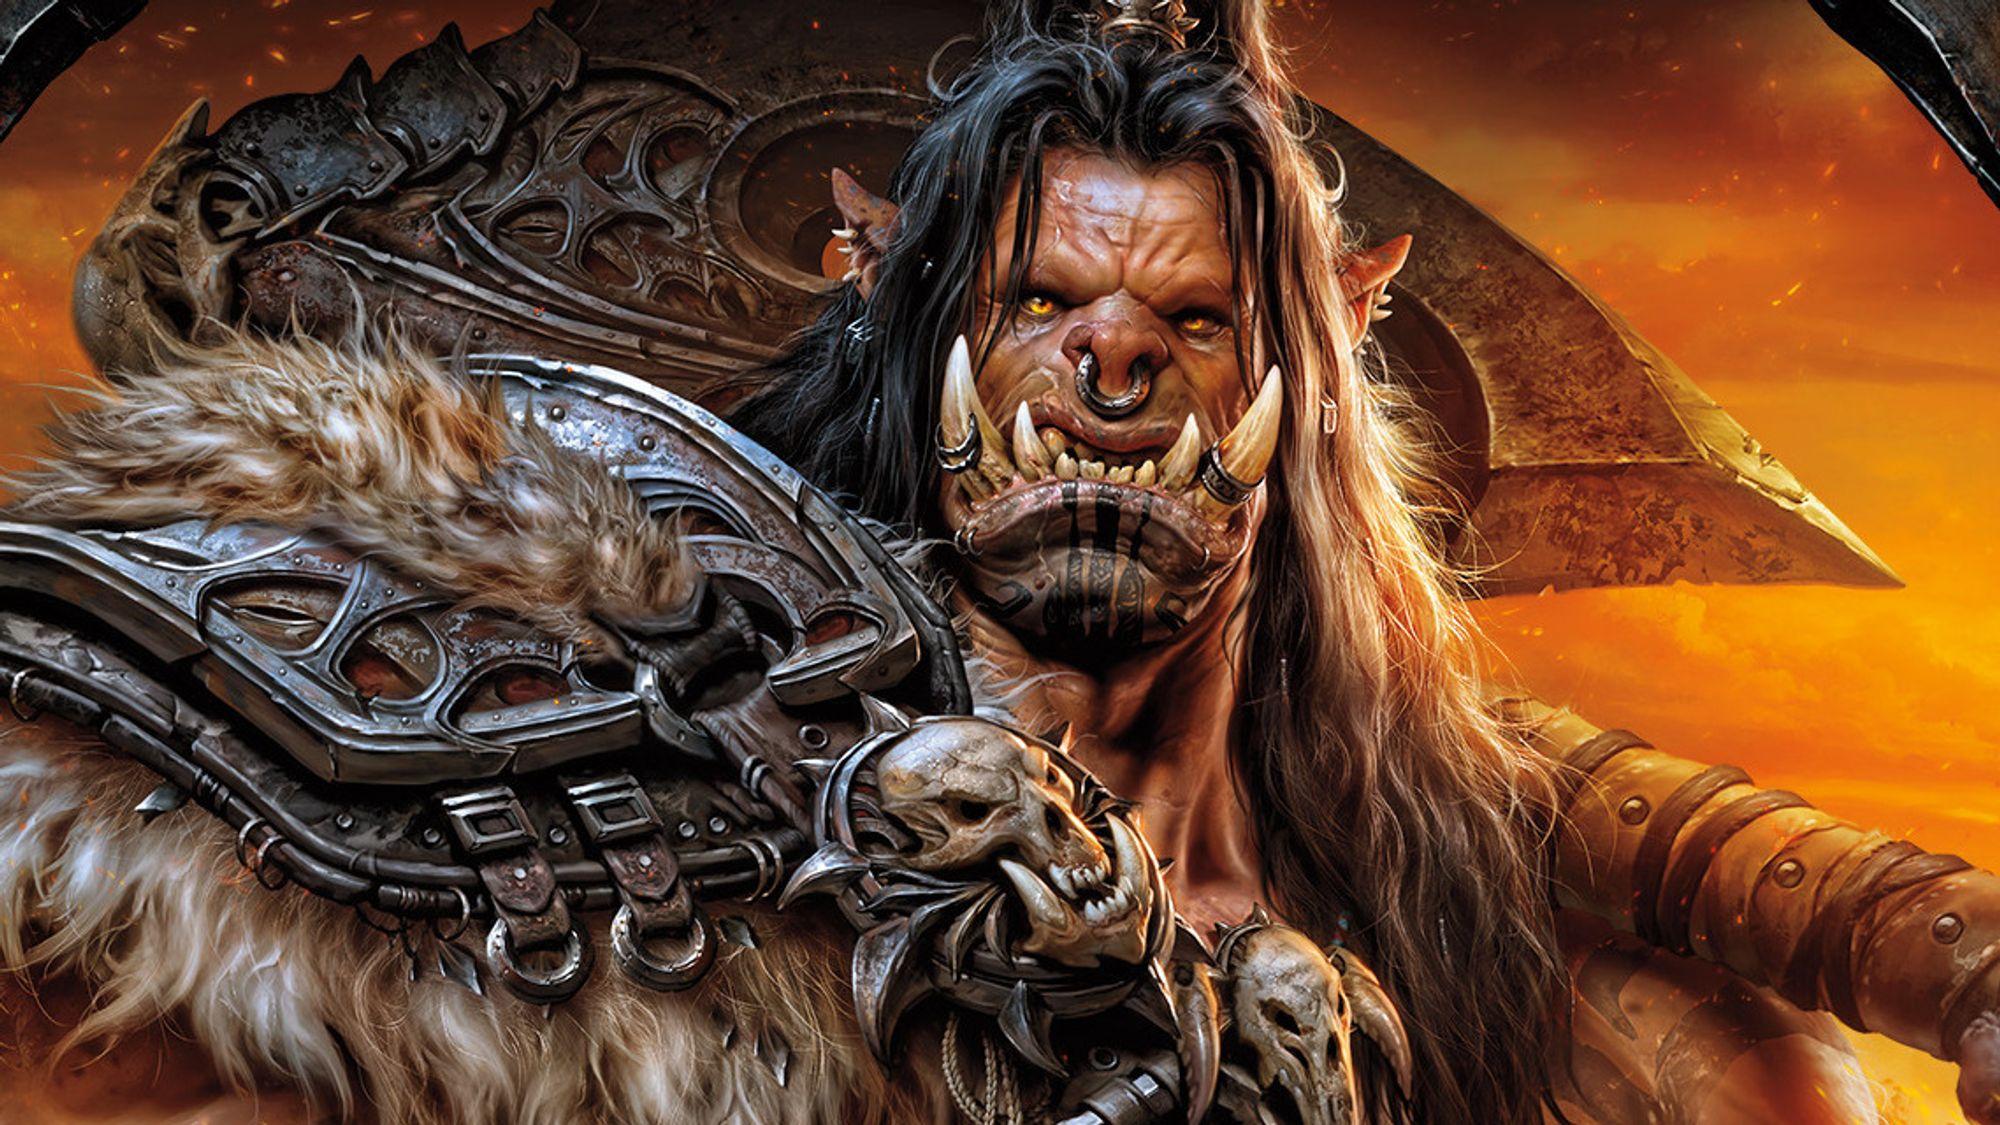 Les Dette kan bli en av de beste utvidelsene til World of Warcraft